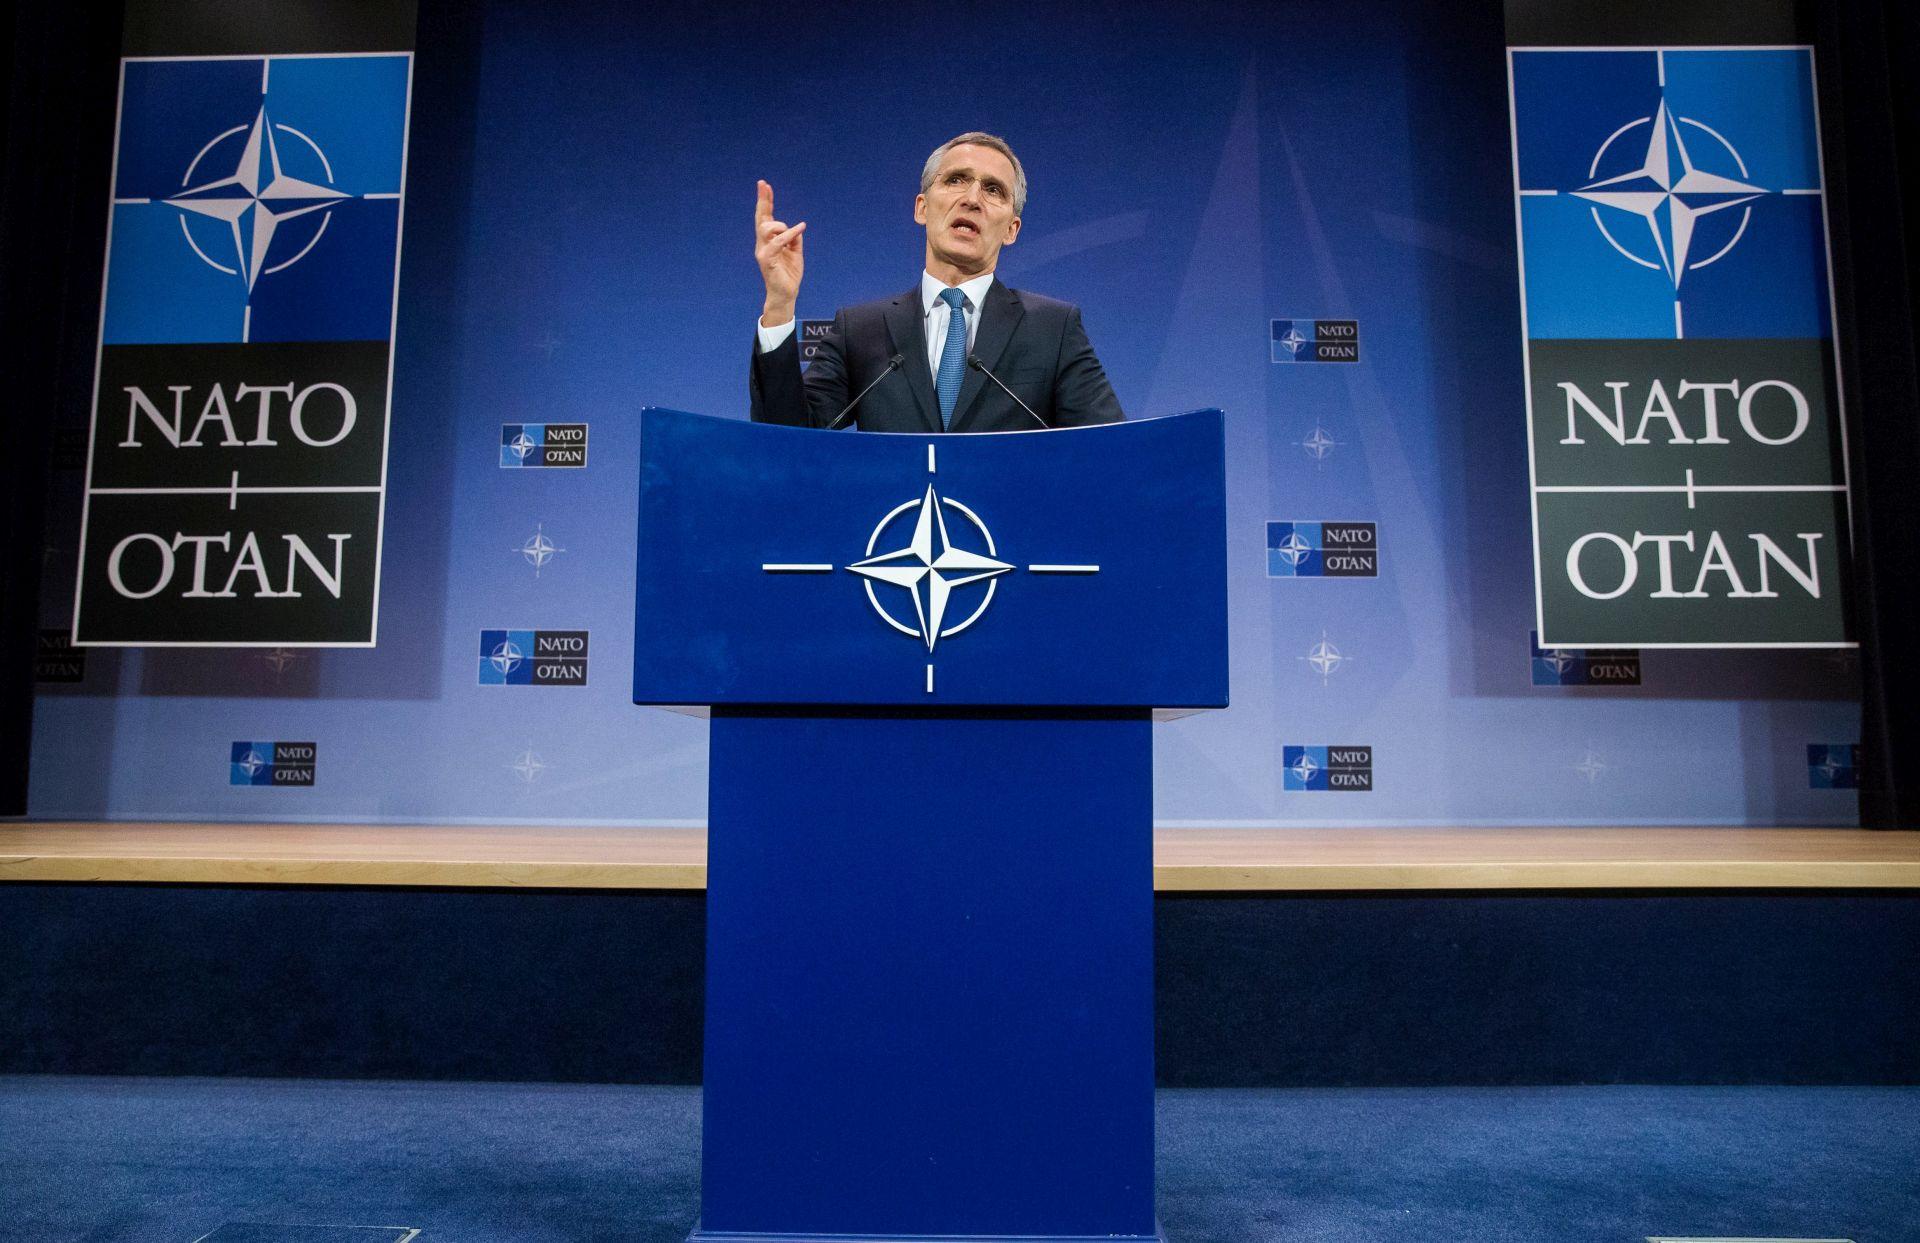 'NATO ne želi novu utrku u naoružanju s Rusijom'